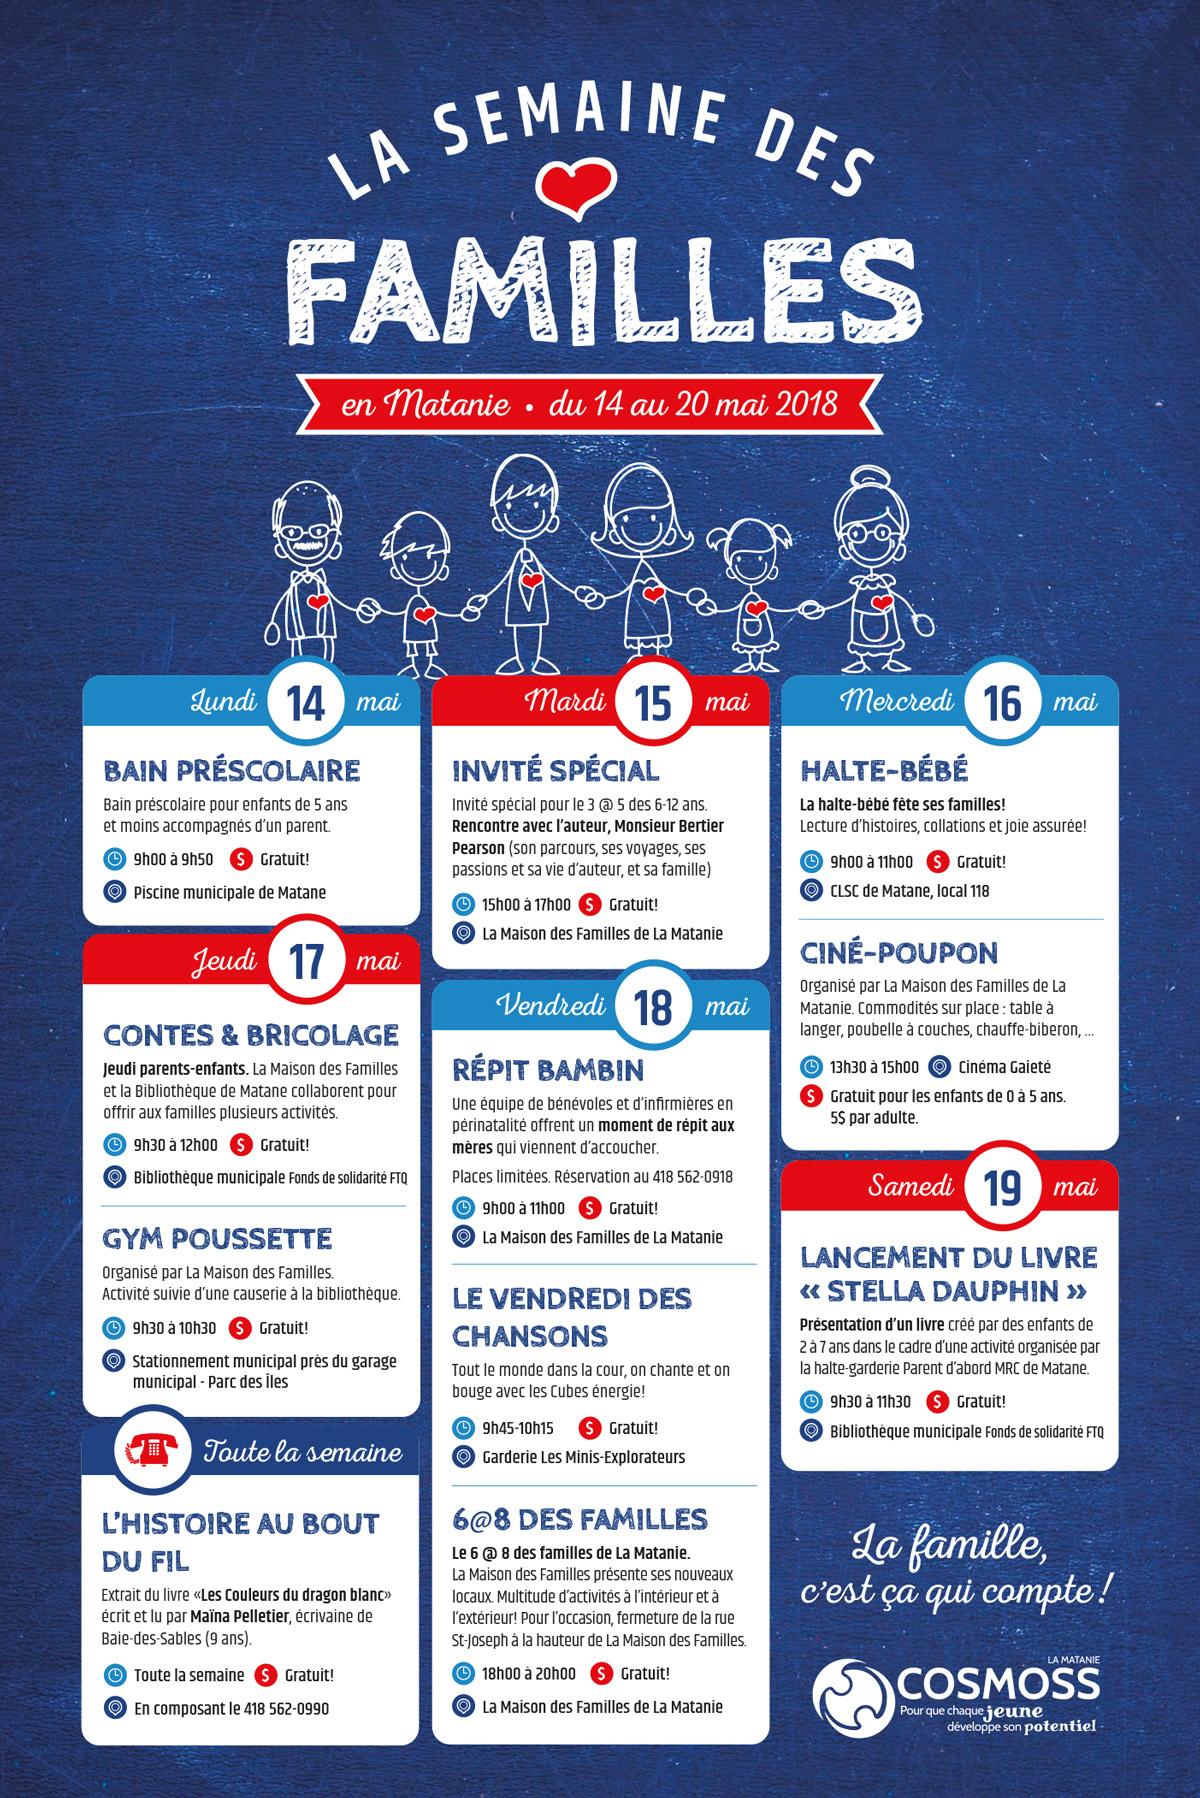 Affiche pour la semaine des familles en Matanie